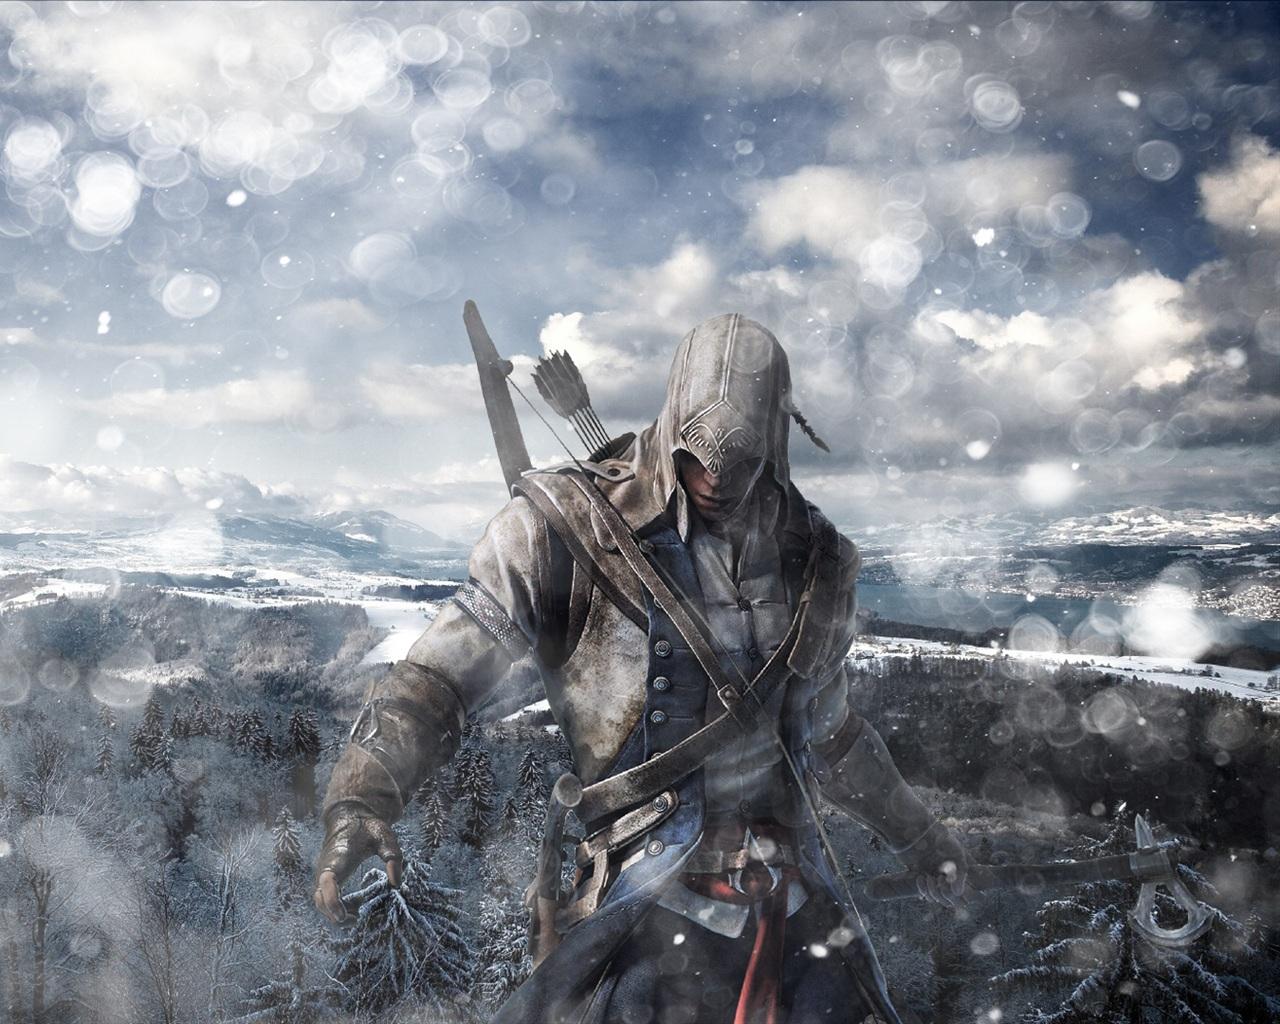 Assassin s Creed 3 HD 2012 1280x1024jpg 1280x1024